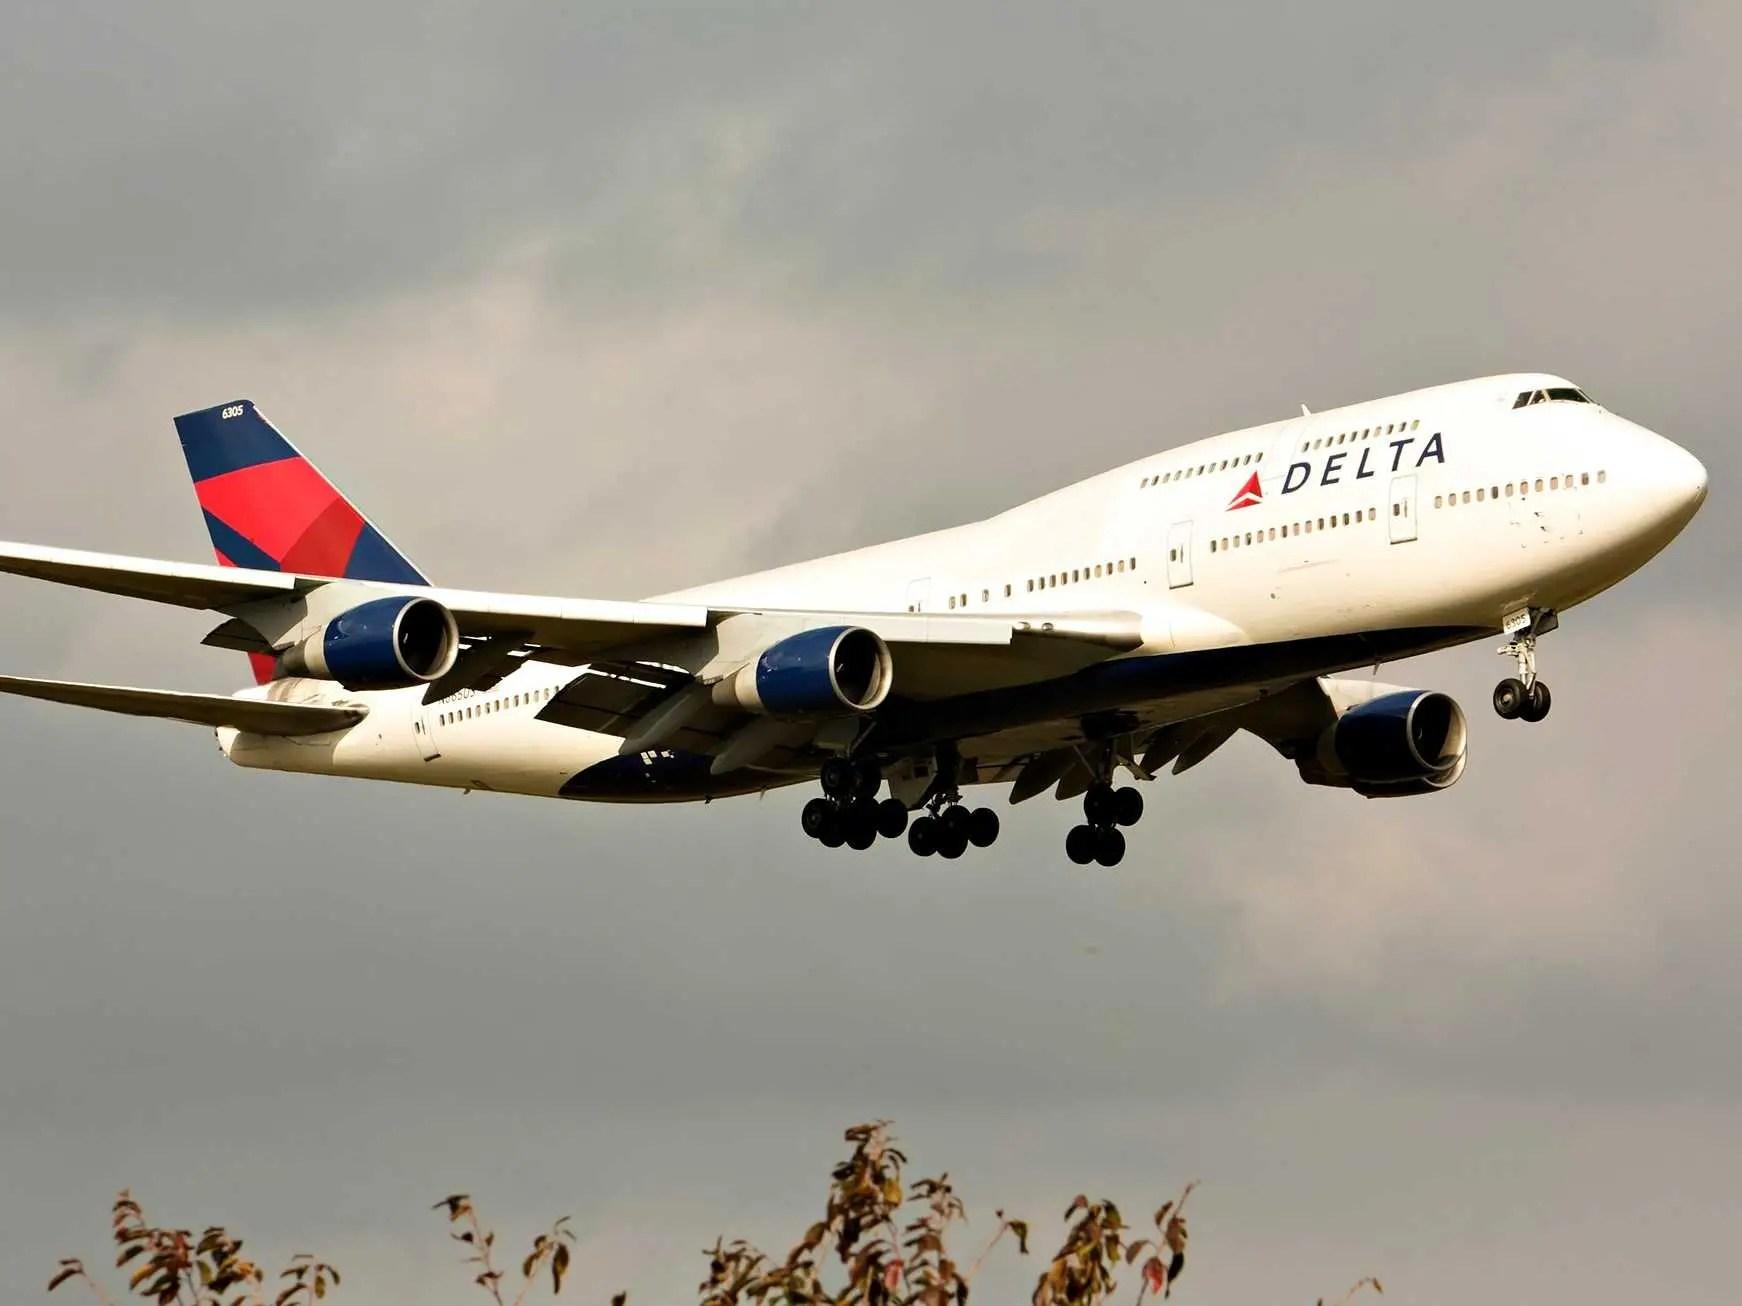 # 1 Delta